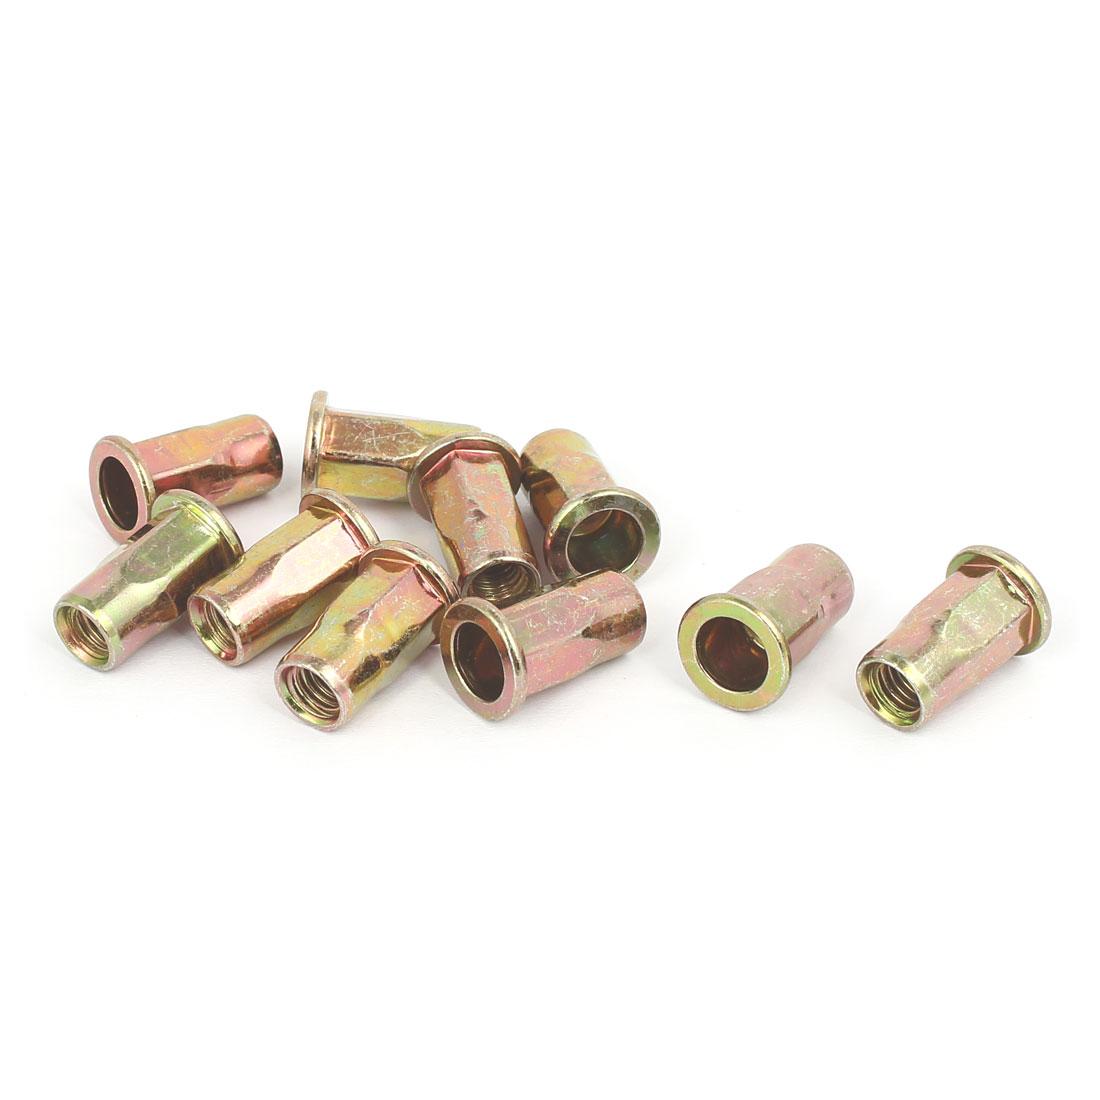 5mmx18mm Flat Head Semi Hex Body Open End Blind Rivet Nuts Fasteners 10pcs